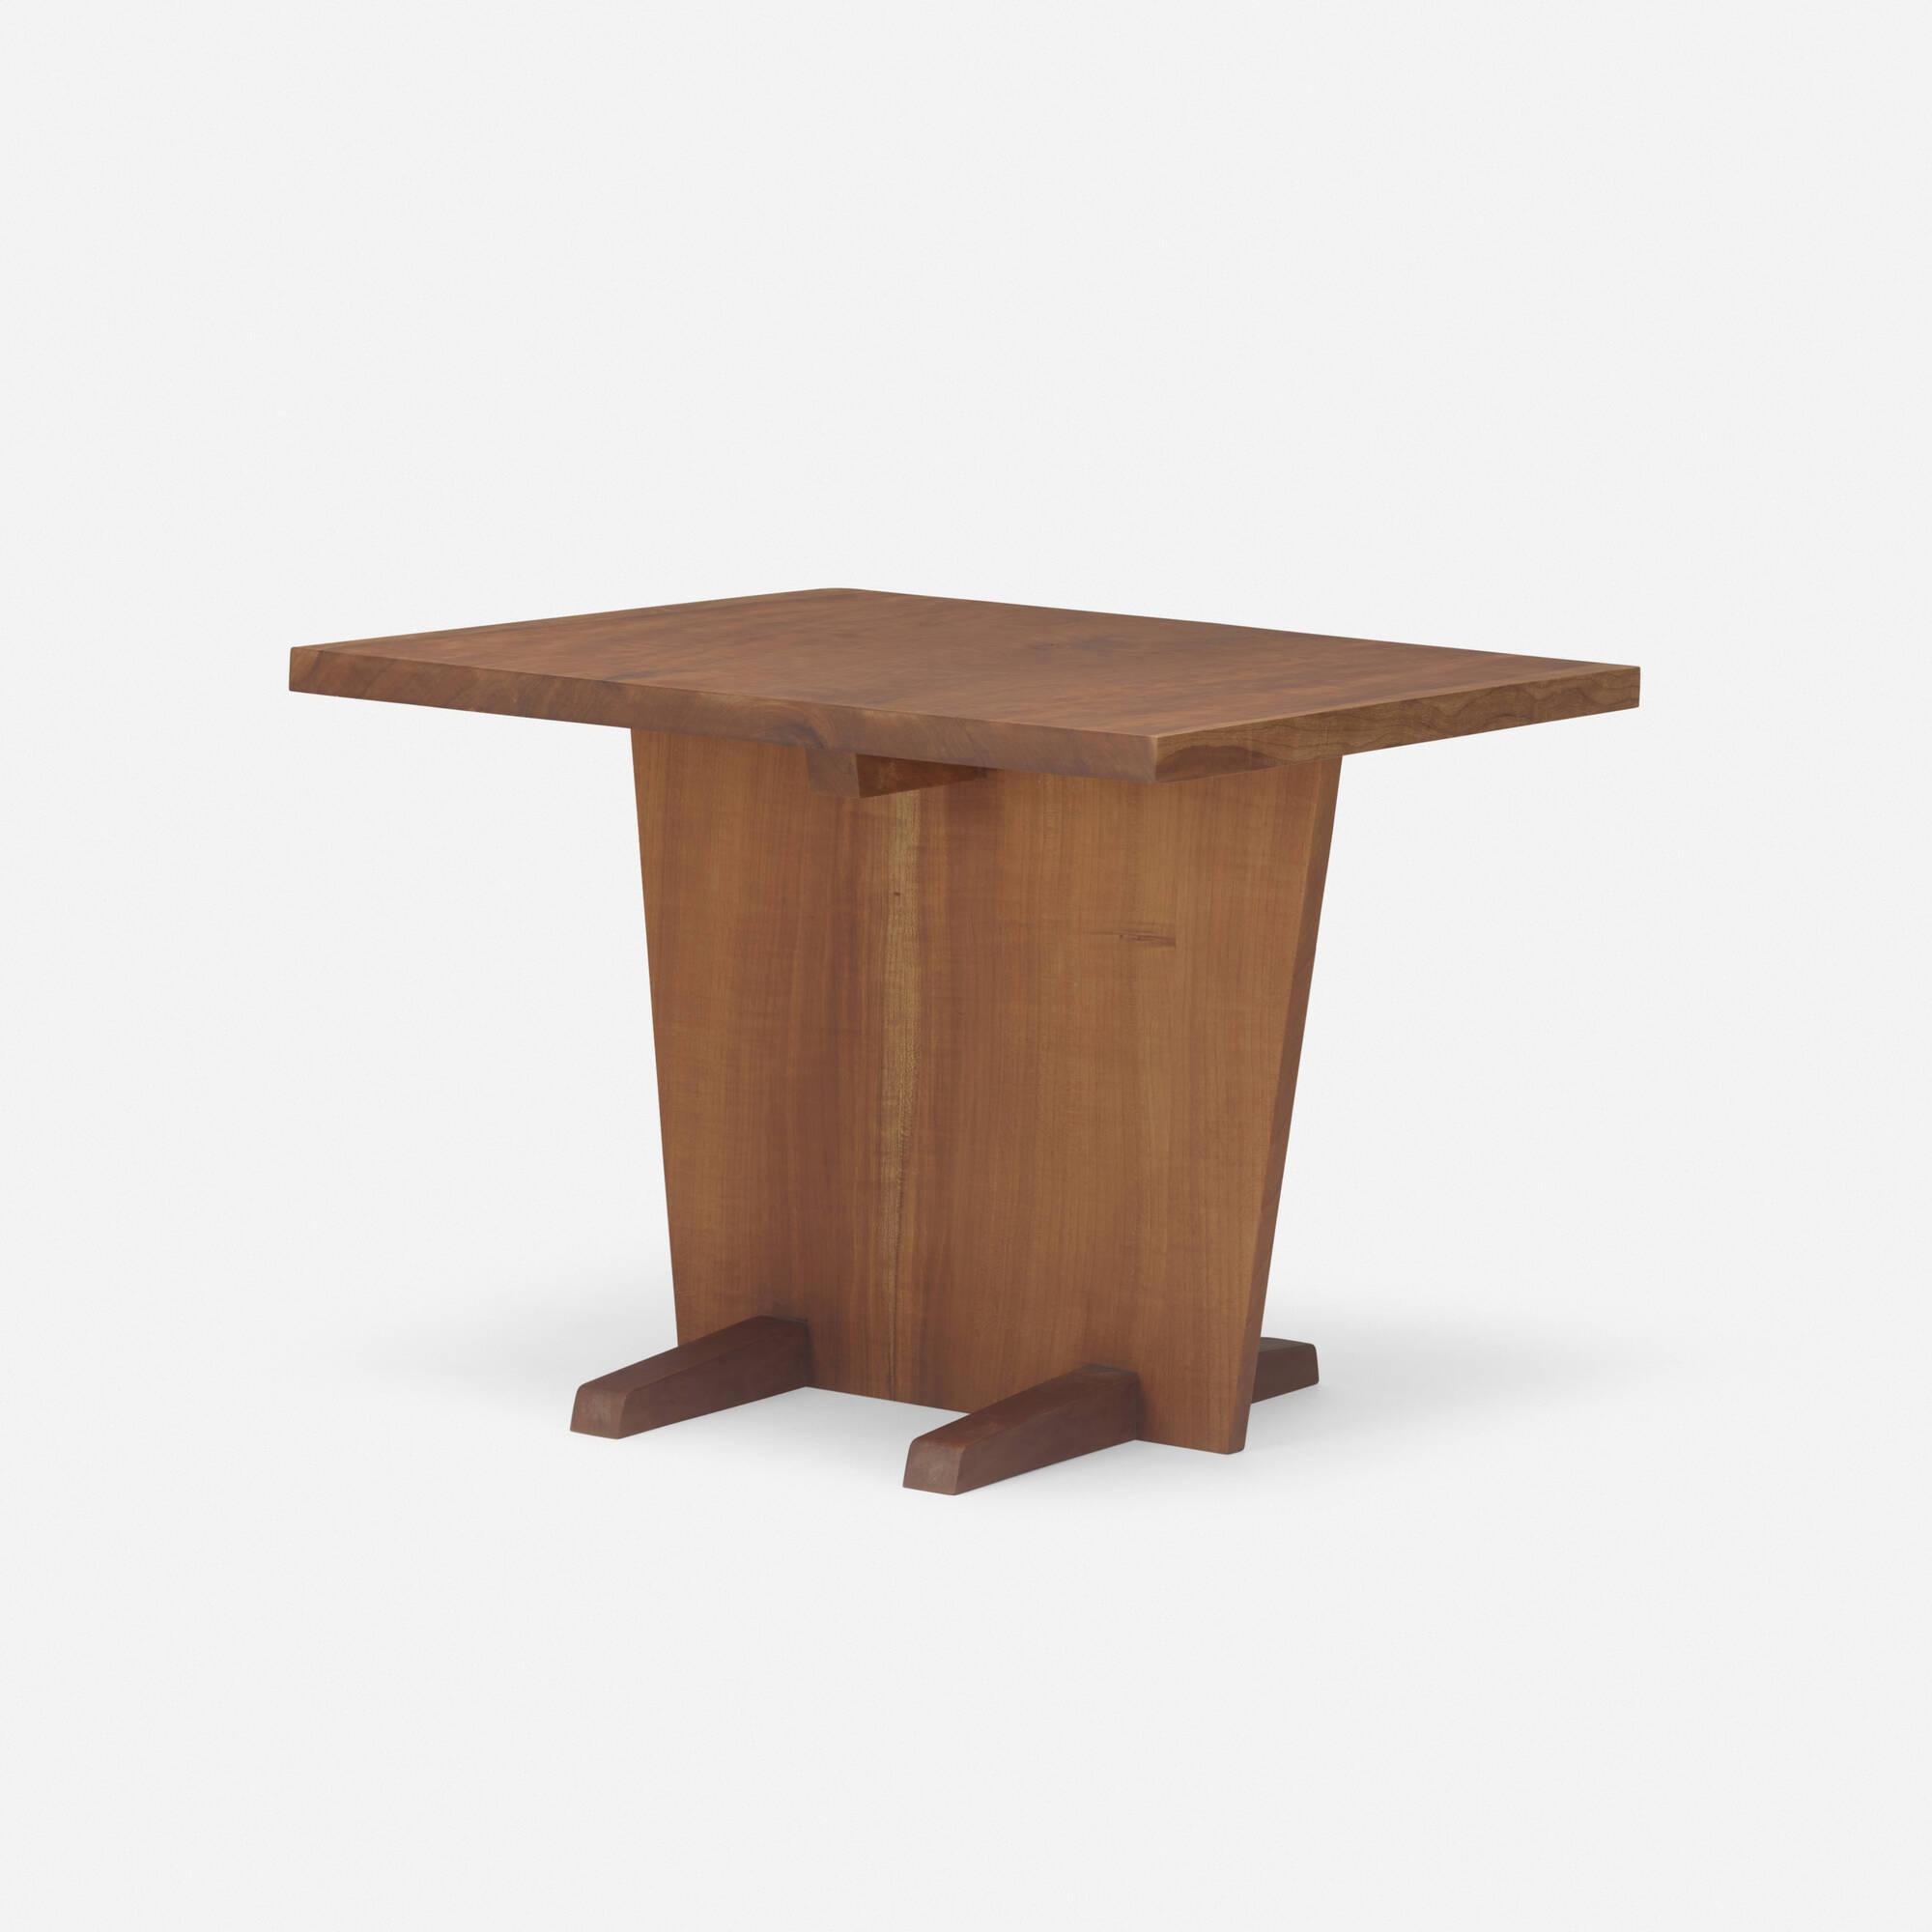 129: George Nakashima / Minguren I occasional table (1 of 1)